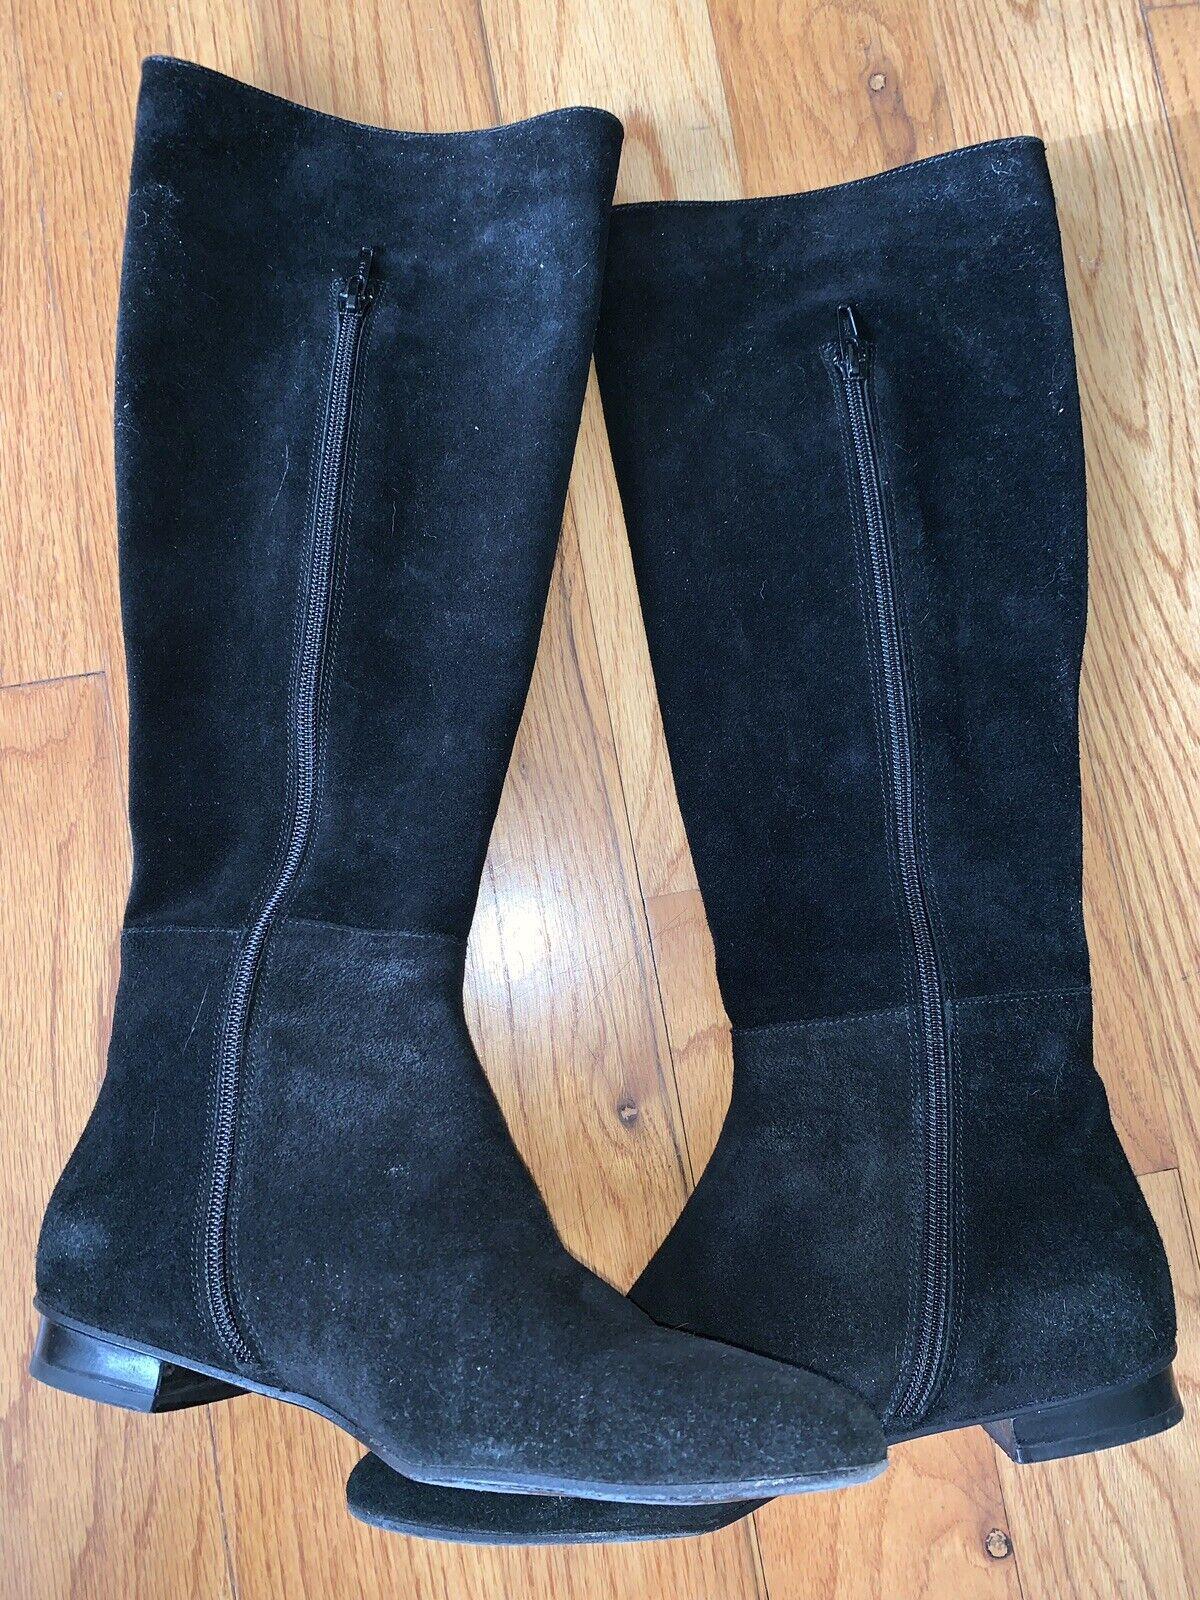 Delman Sz 6.5 Alto Cuero Negro por debajo de la rodilla botas Excelente condición hecho en España